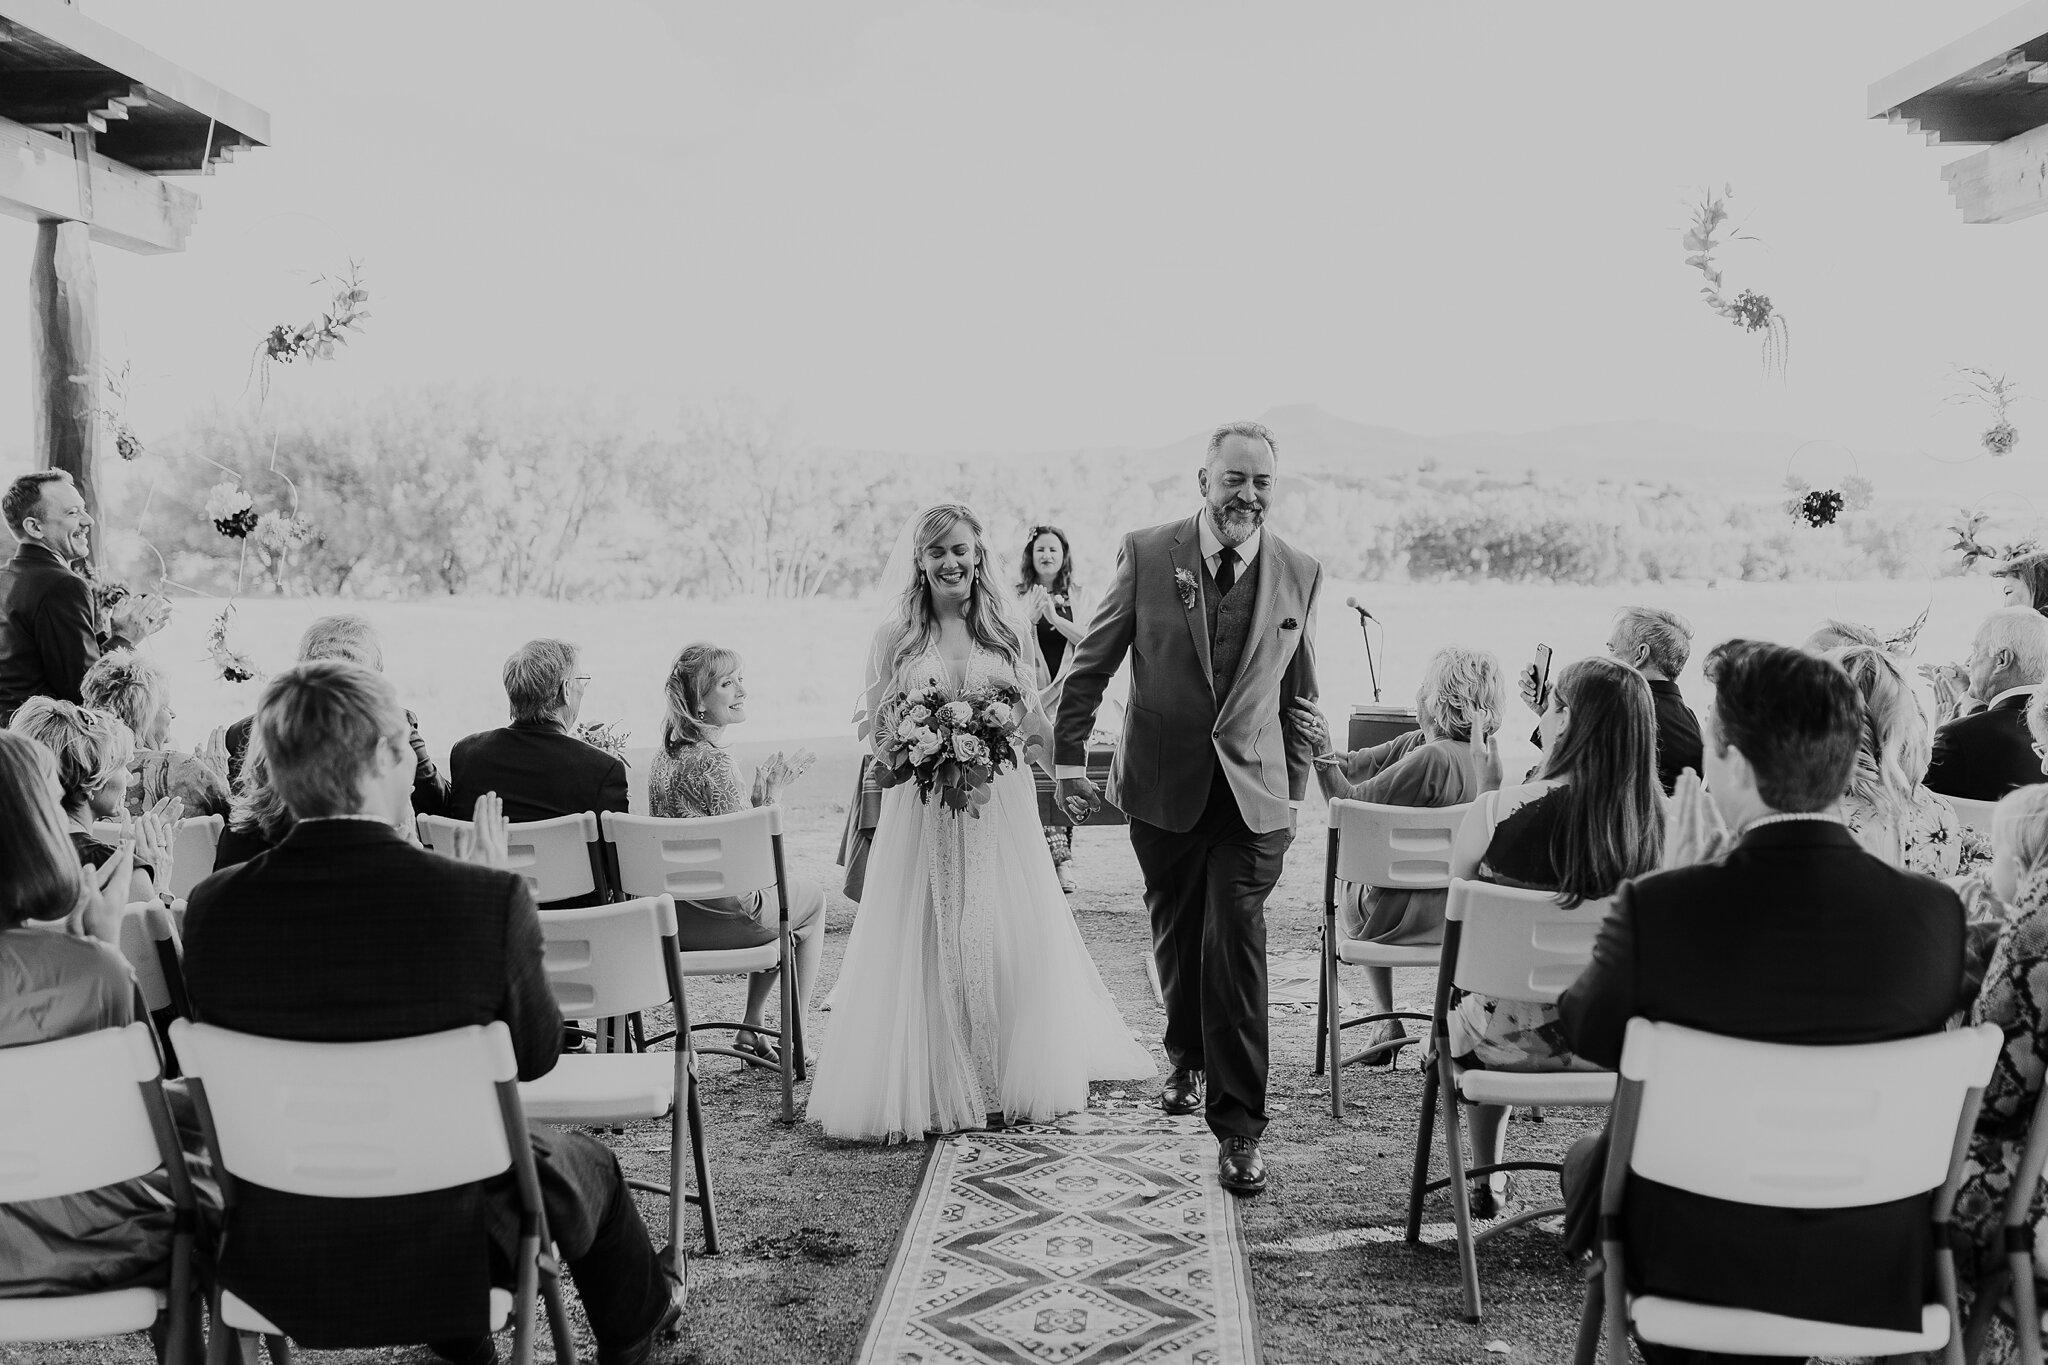 Alicia+lucia+photography+-+albuquerque+wedding+photographer+-+santa+fe+wedding+photography+-+new+mexico+wedding+photographer+-+new+mexico+wedding+-+wedding+-+santa+fe+wedding+-+ghost+ranch+-+ghost+ranch+wedding+-+fall+wedding_0039.jpg